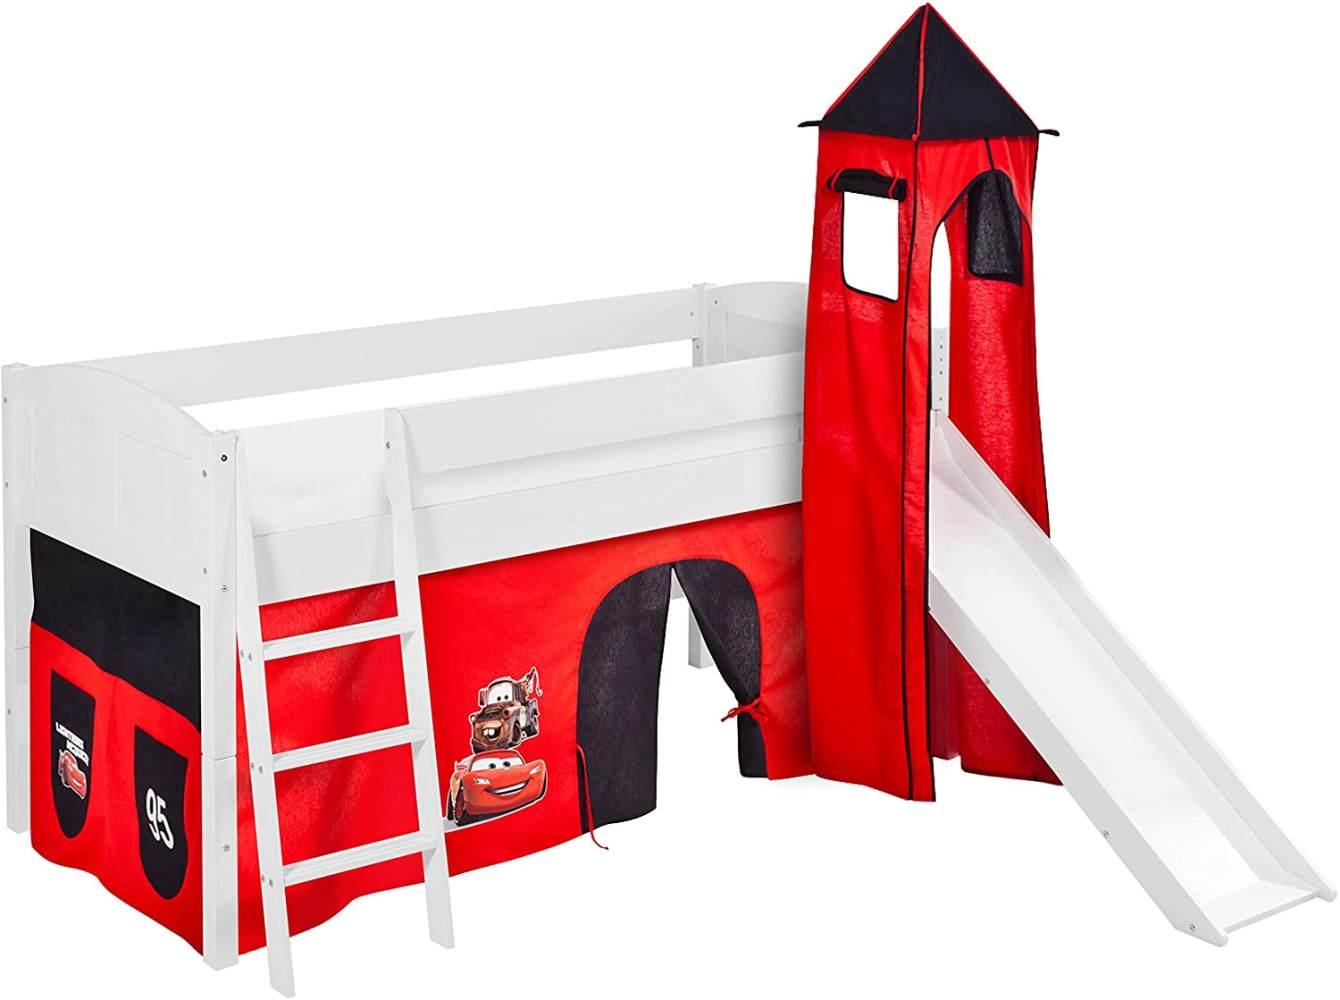 Lilokids 'Ida 4106' Spielbett 90 x 200 cm, Disney Cars, Kiefer massiv, mit Turm, Rutsche und Vorhang Bild 1